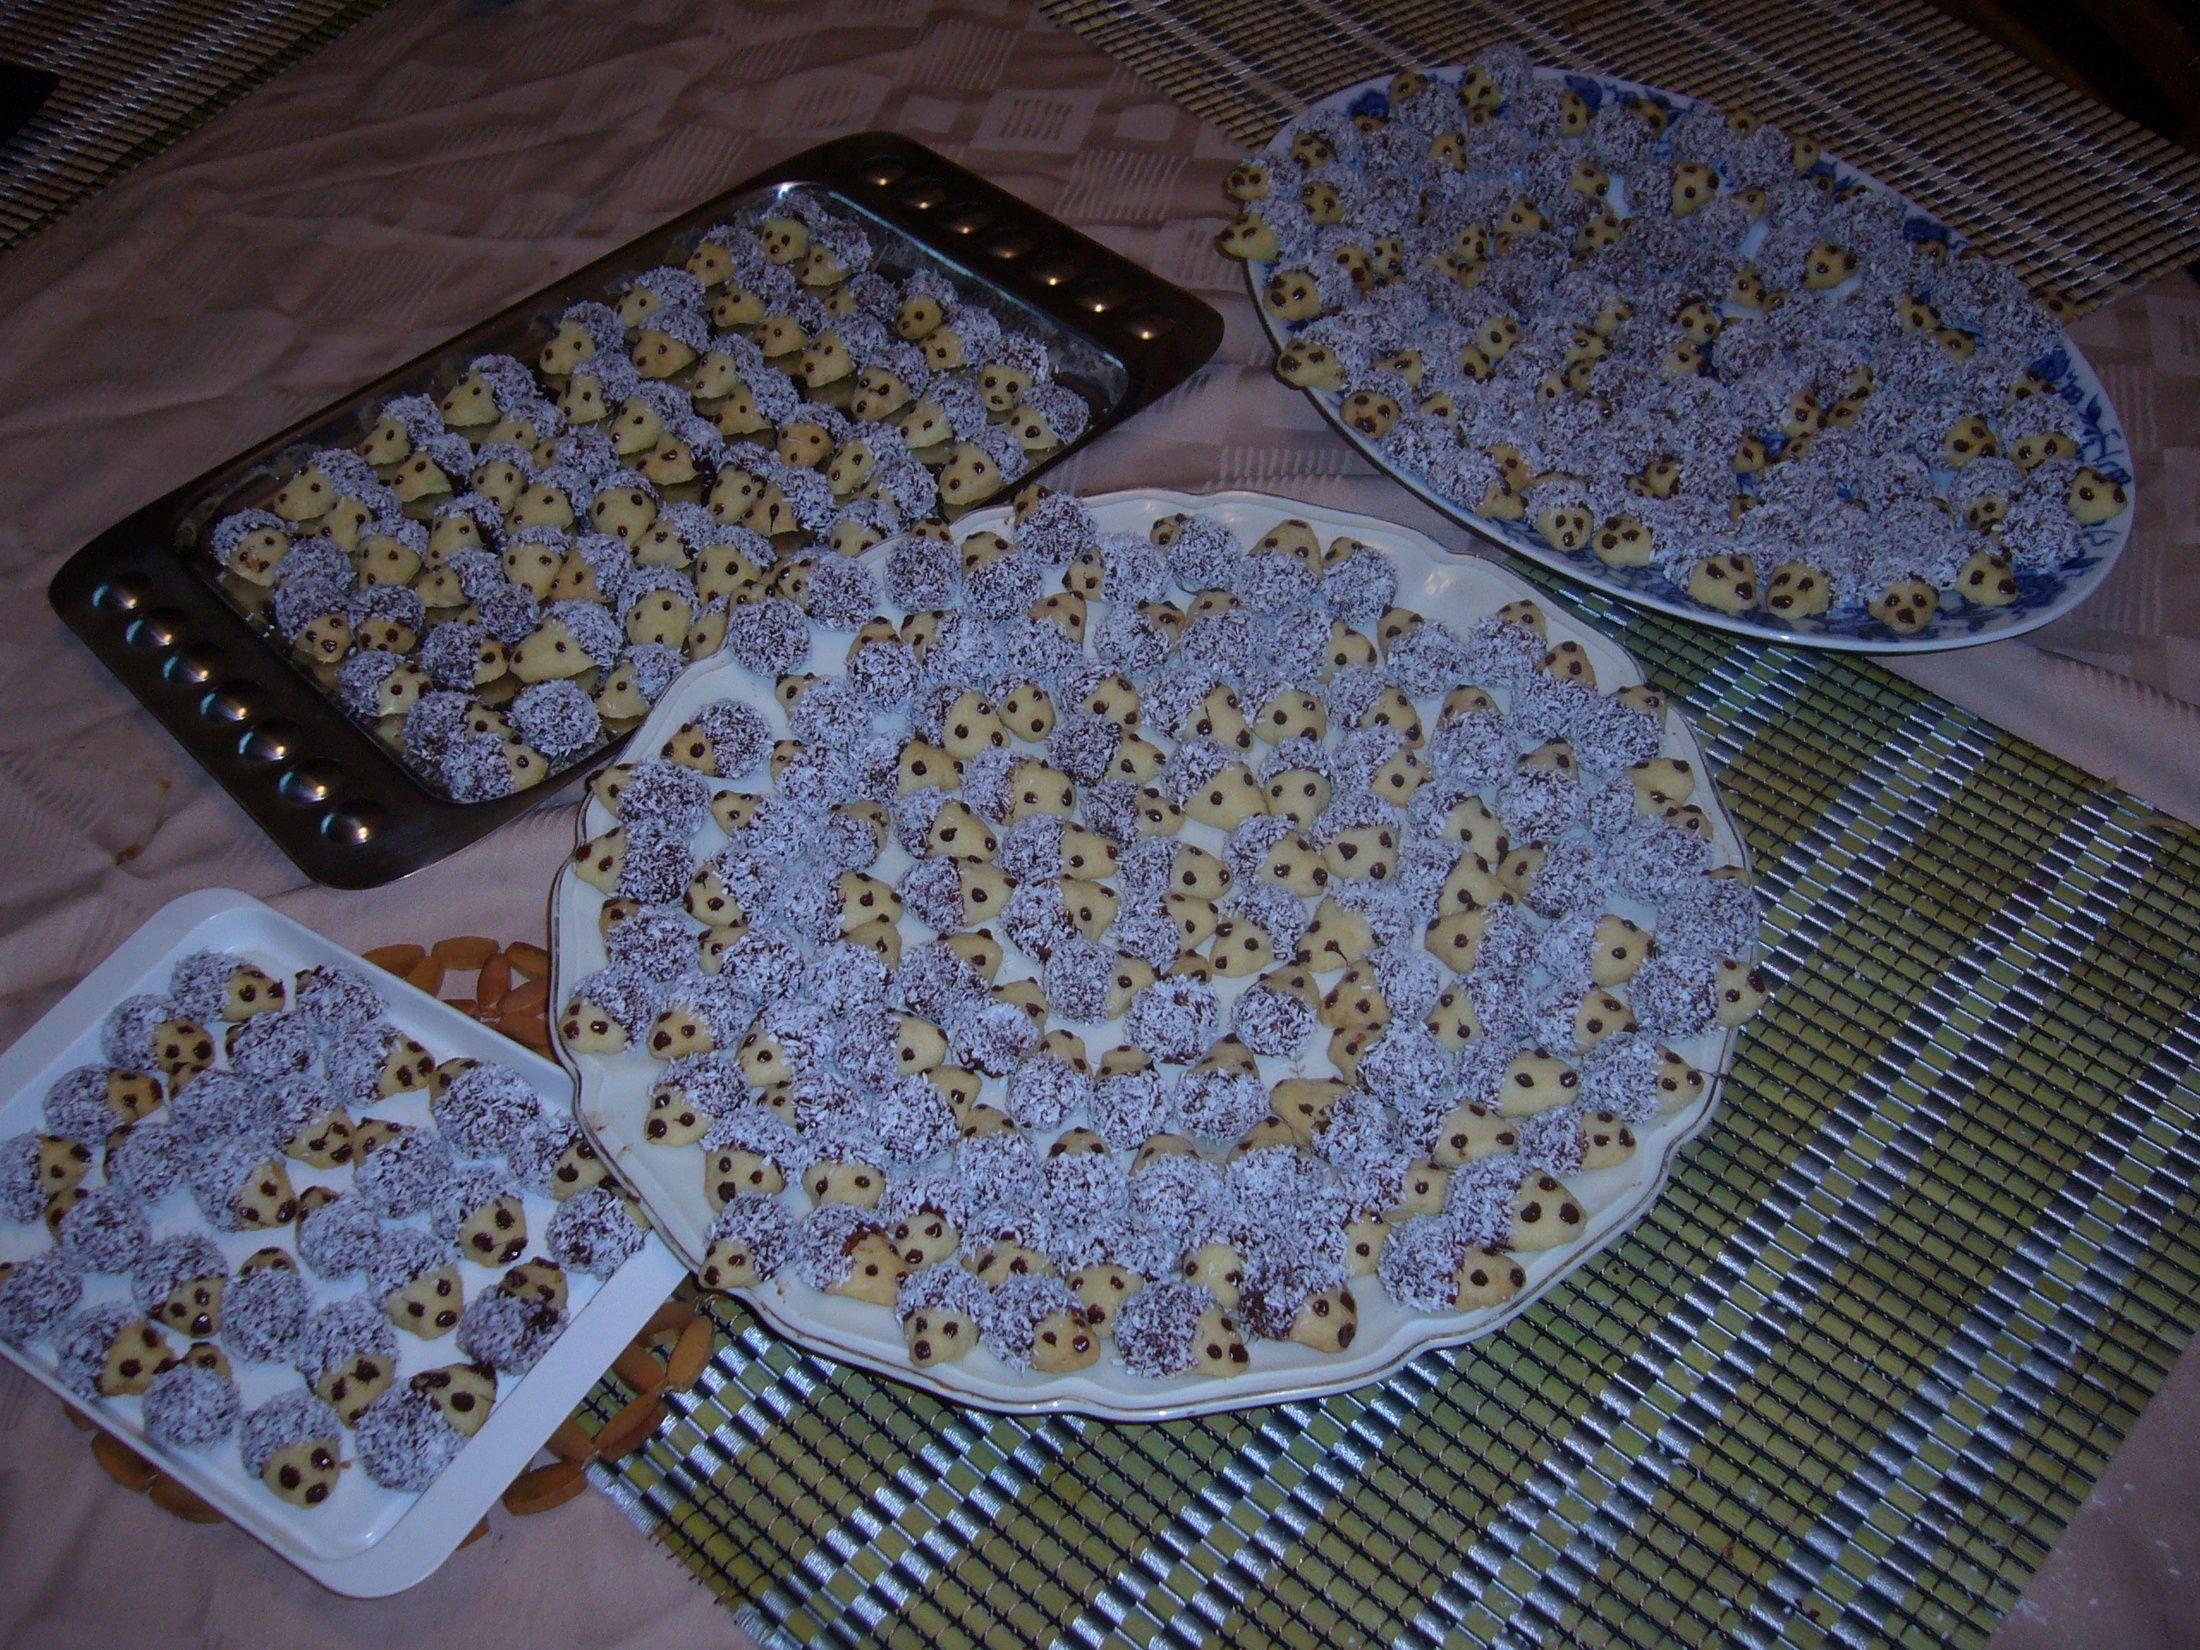 Recept Vánoční ježci - Vánoční ježci